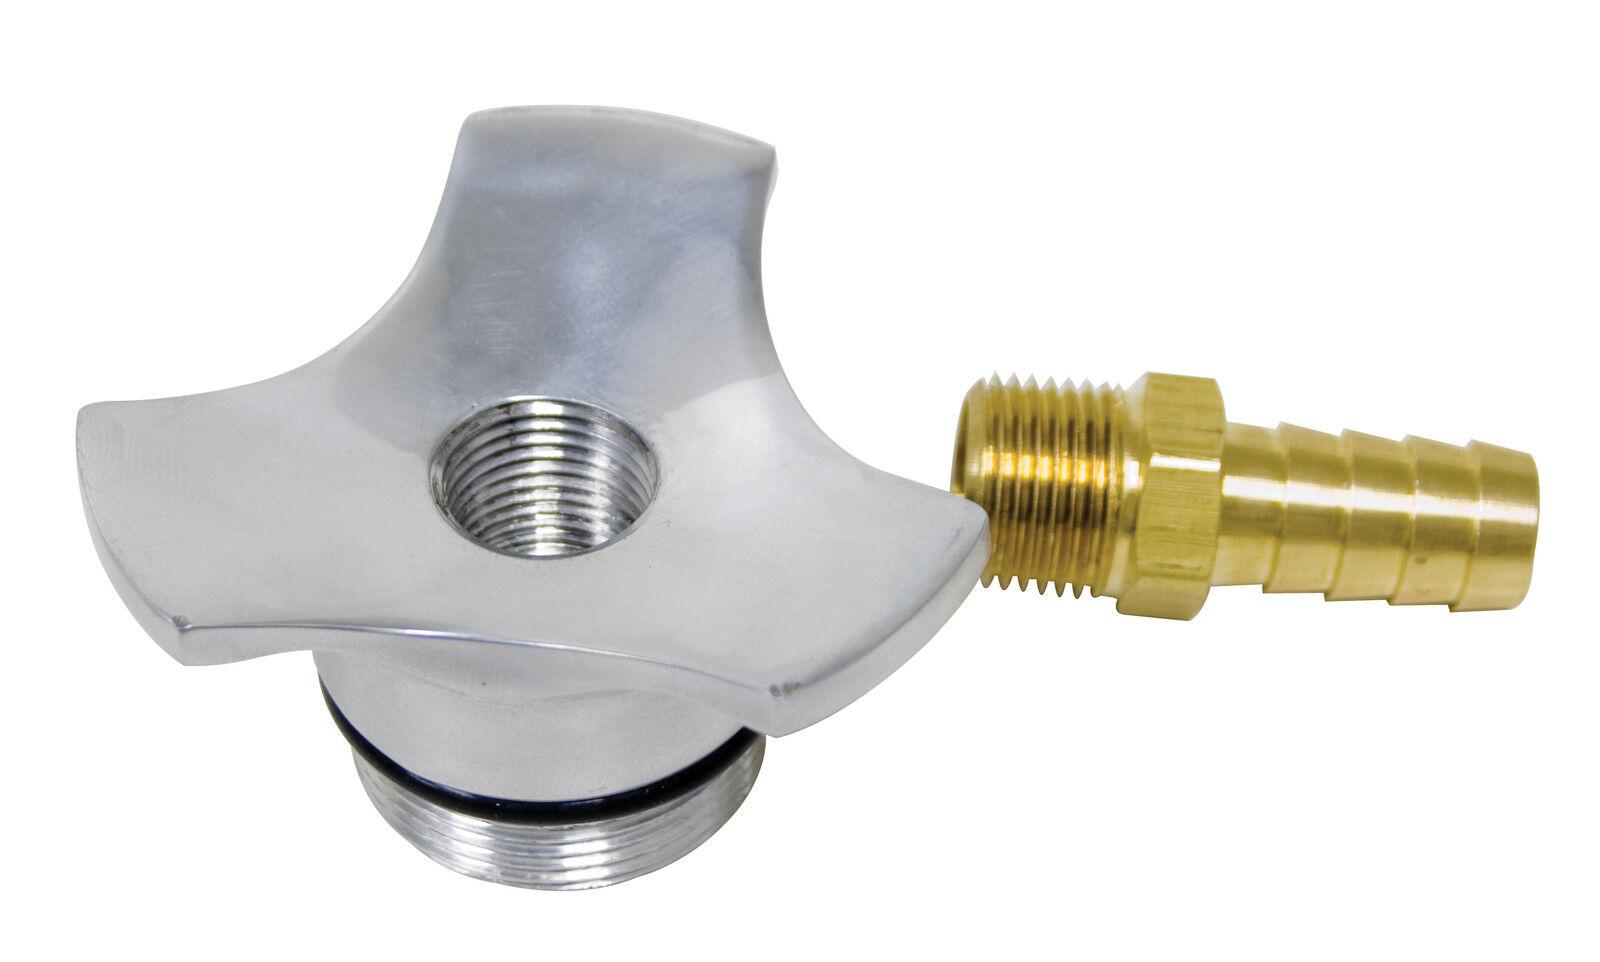 Empi Billet Oil Filler Cap  KNOCK-OFF STYLE, VW Bug Beetle VW Dune Buggy  7903